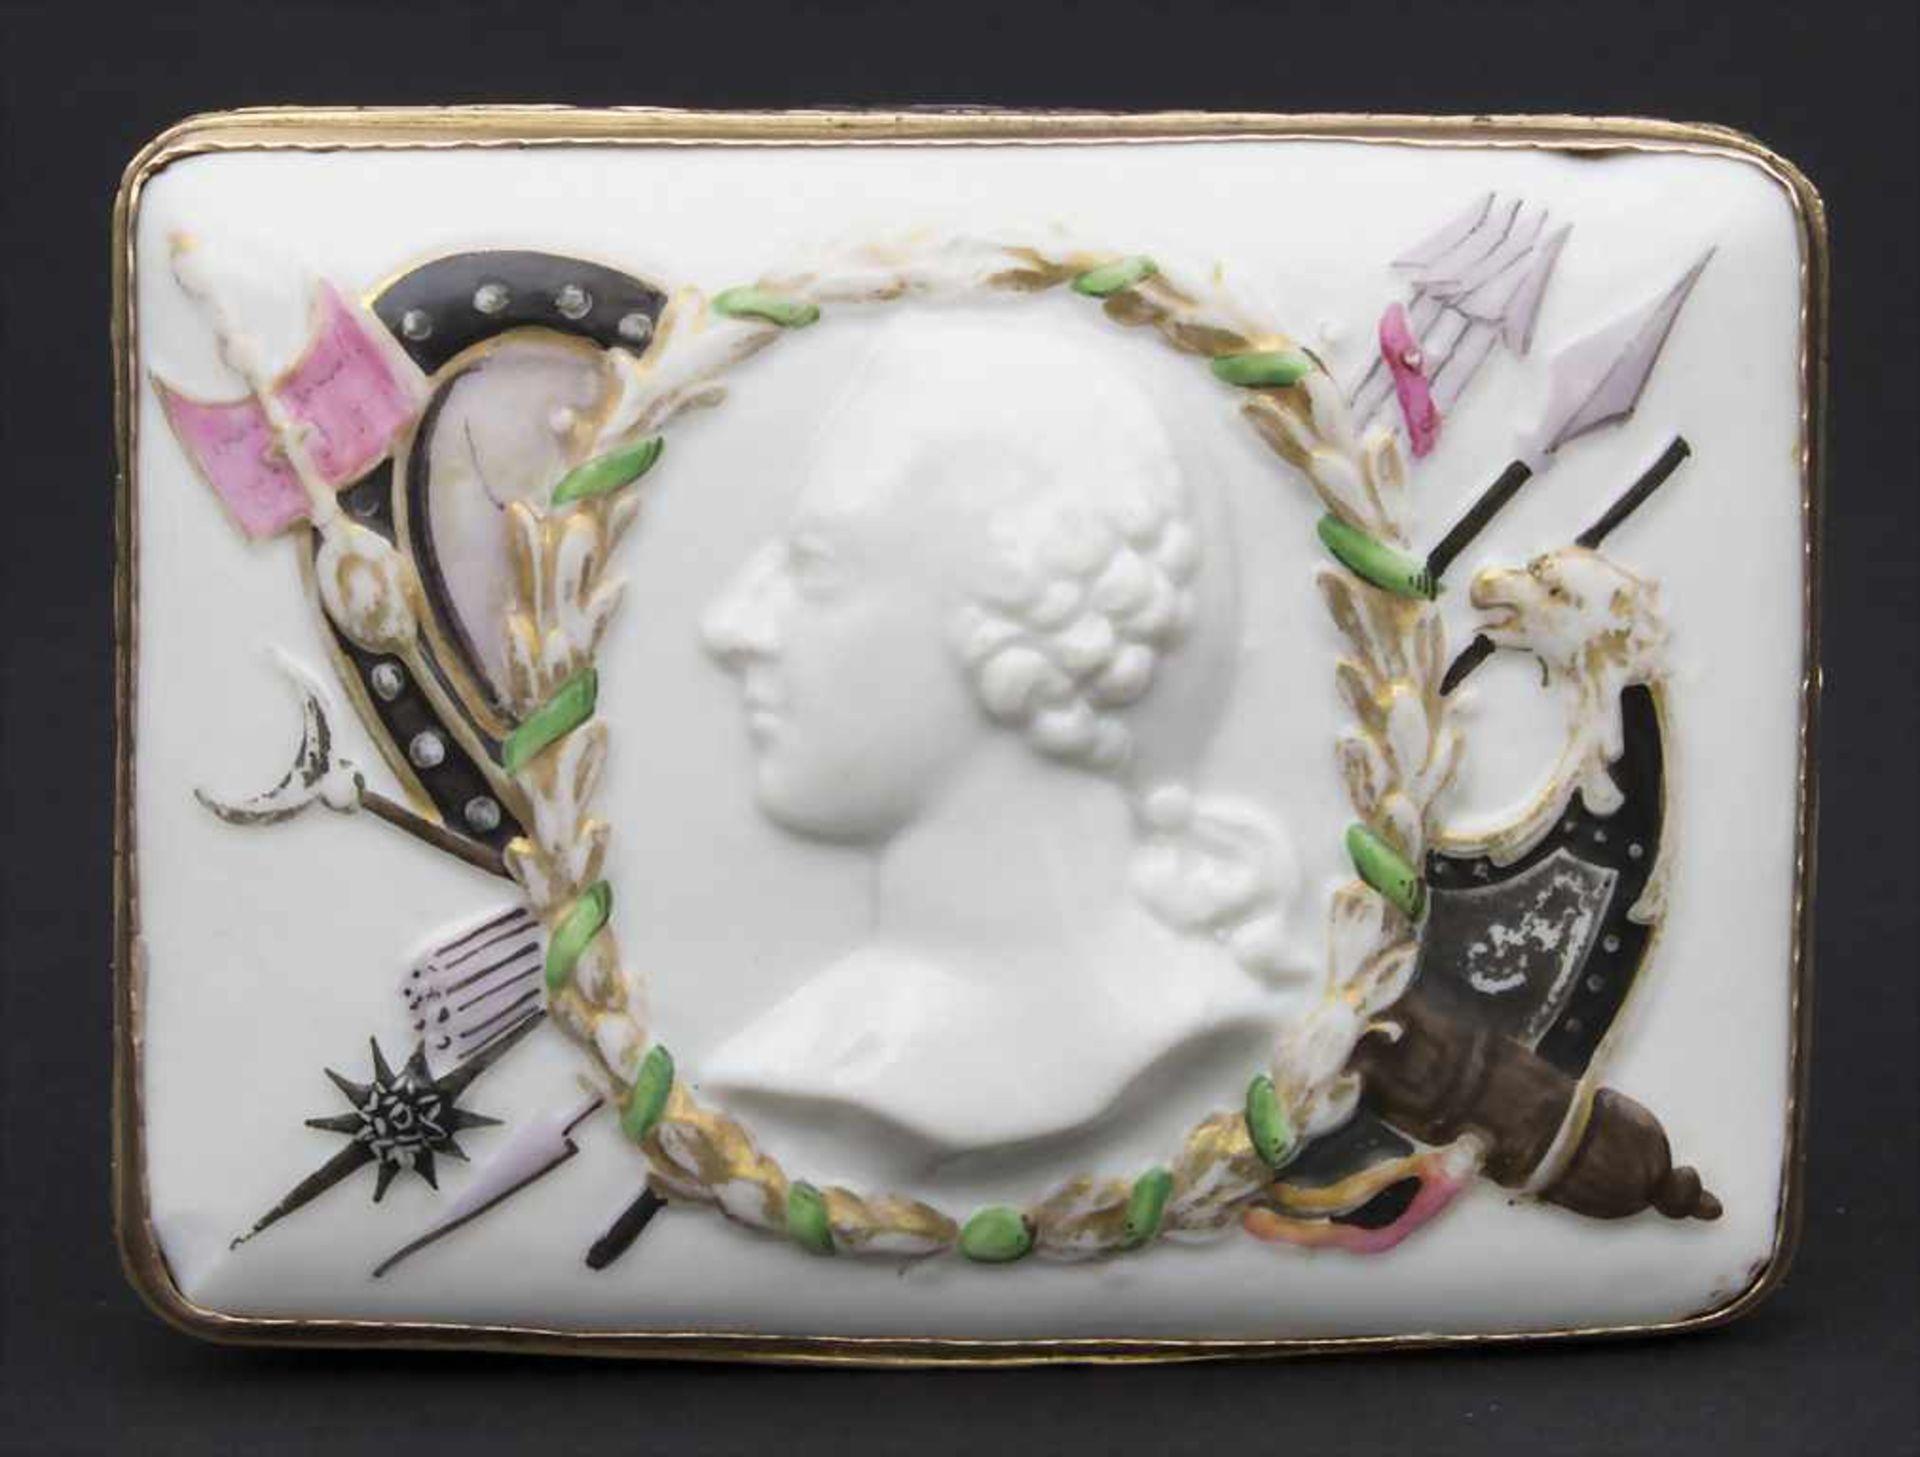 Seltene, reich verzierte Tabatiere / Schnupftabakdose mit dem Reliefportrait 'Friedrich der Große' / - Bild 2 aus 6